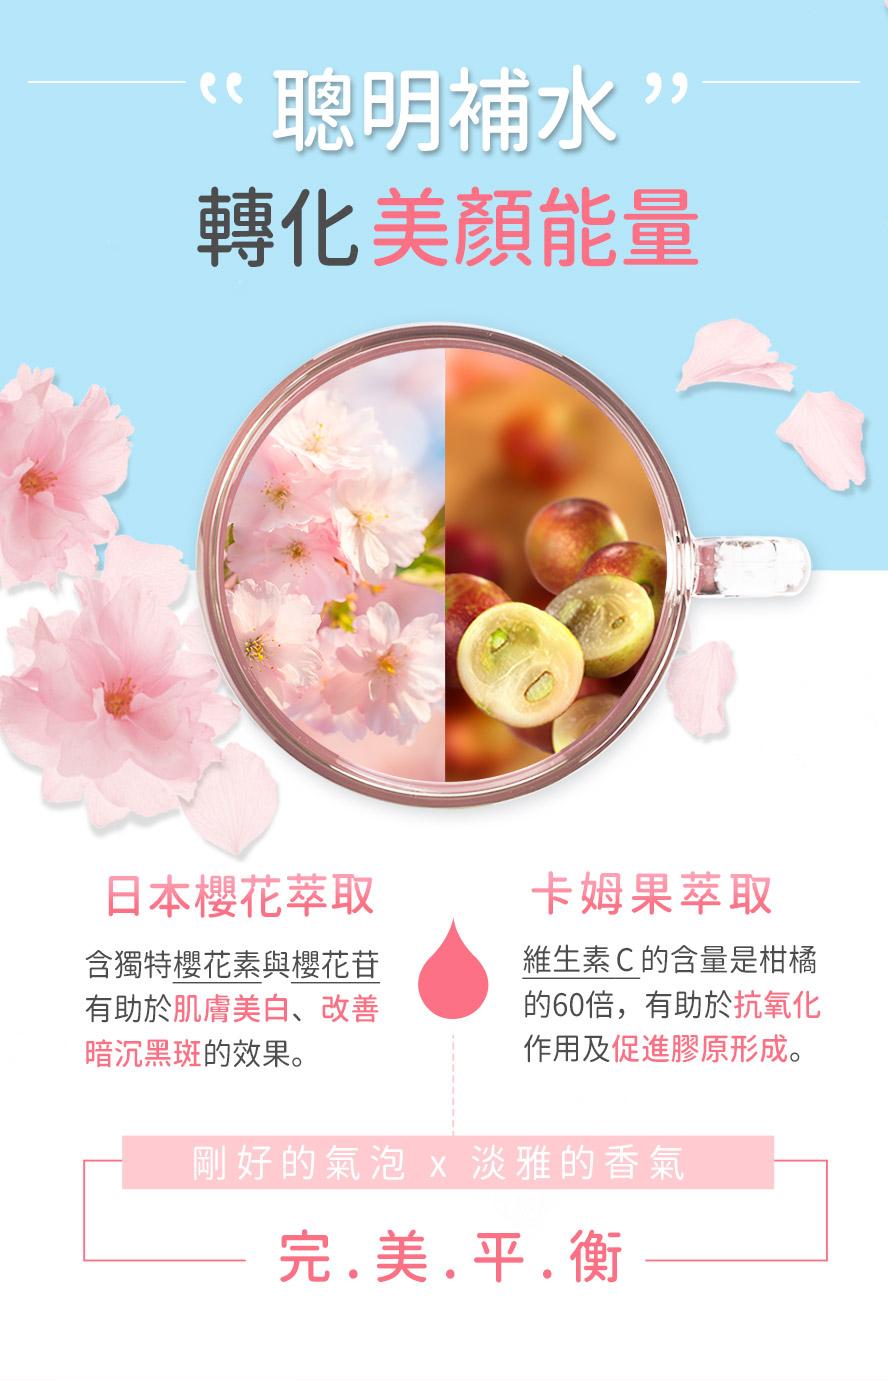 日本櫻花萃取物,具抗糖化作用,維持膠原蛋白組織的機能性;卡姆果的維生素C含量為柑橘的60倍,超強抗氧化.